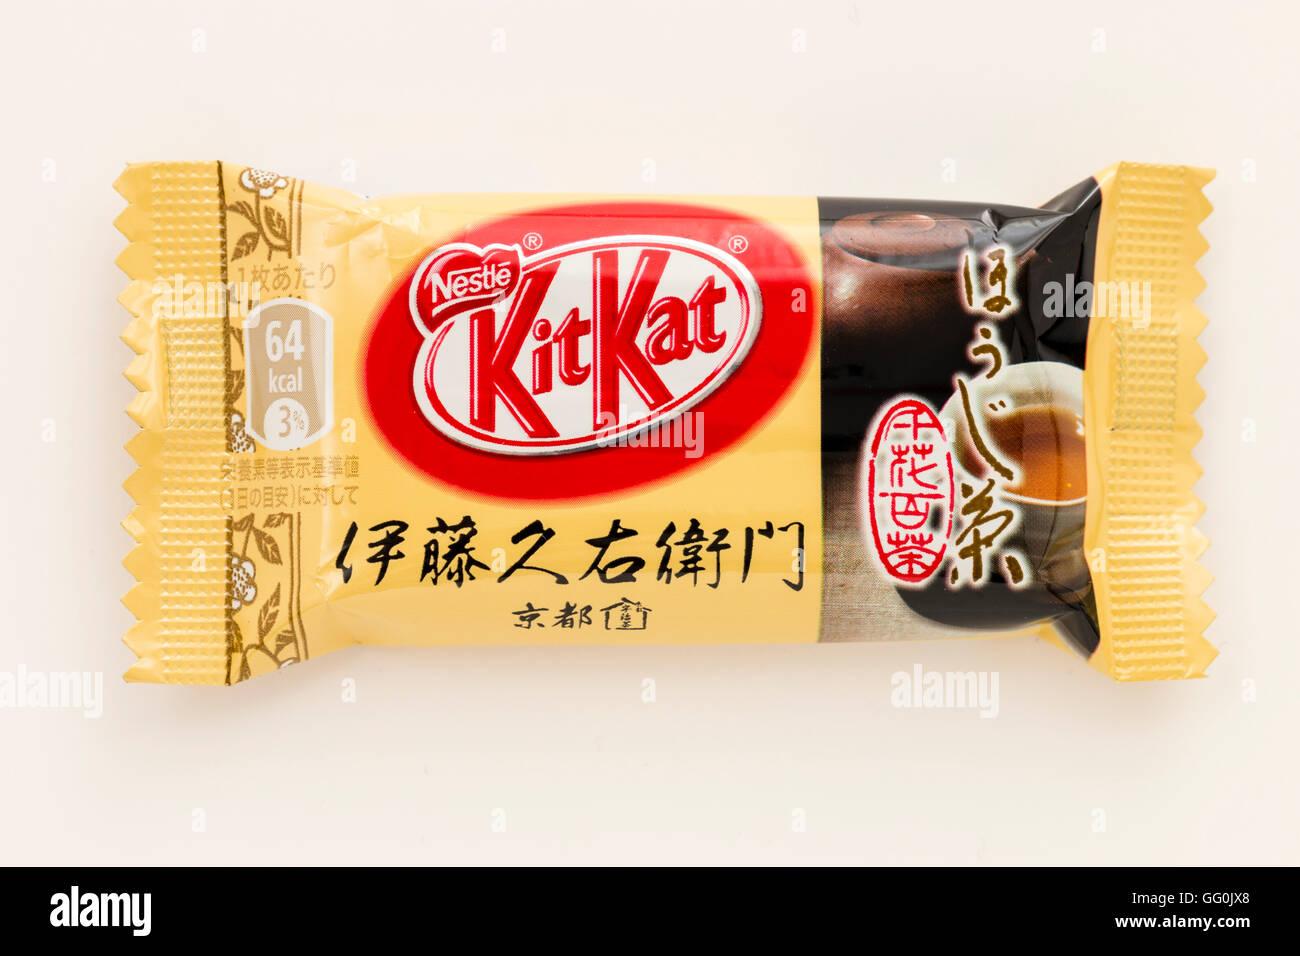 Japanese kitkat single wrapped chocolate bar coffee favour japanese kitkat single wrapped chocolate bar coffee favour cream coloured wrapper plain background voltagebd Images